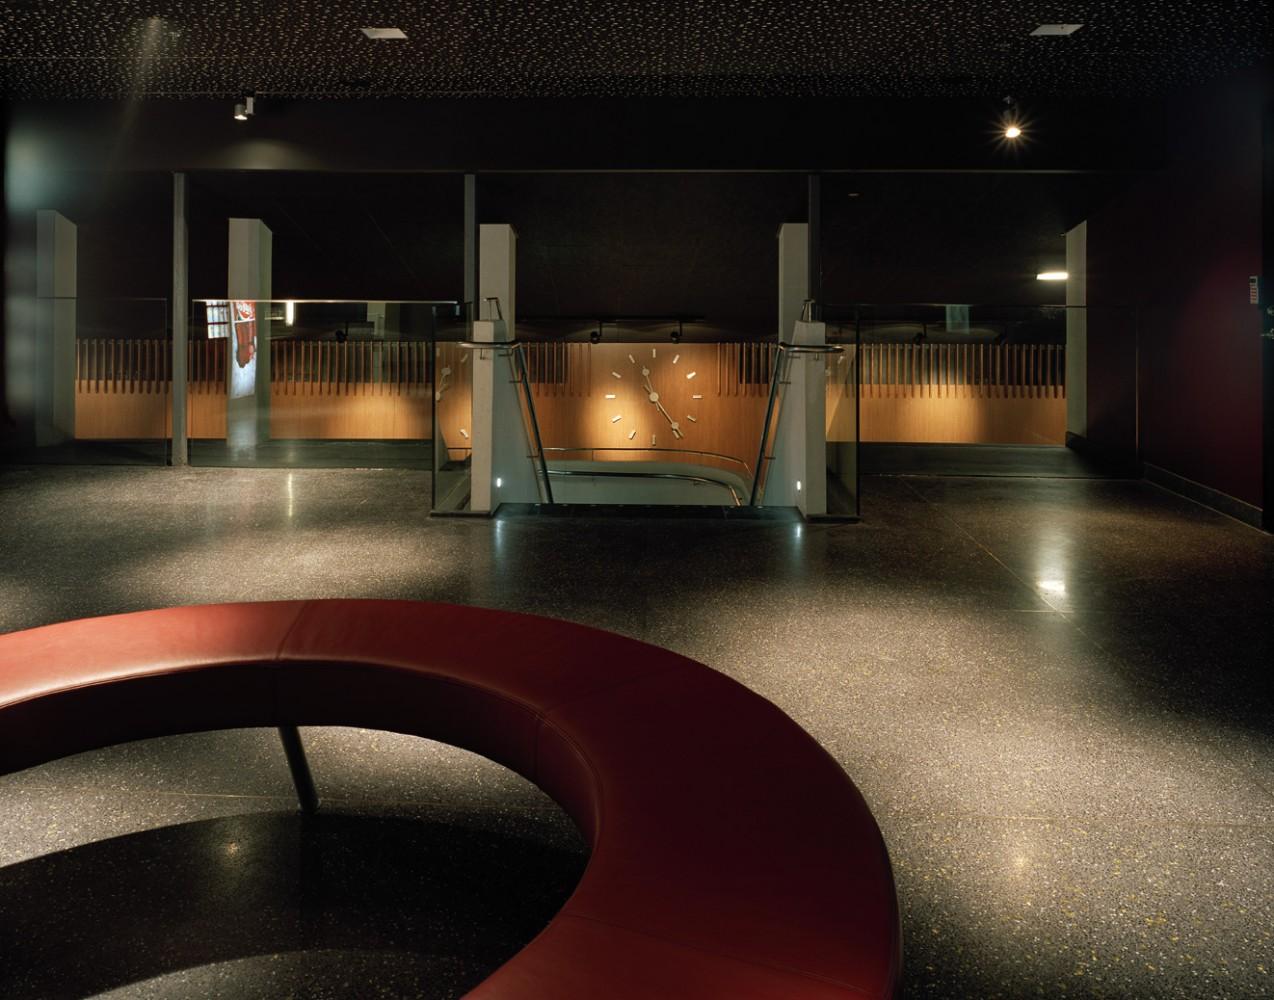 retail_filmstaden-vallingby_7-1274x1000.jpg